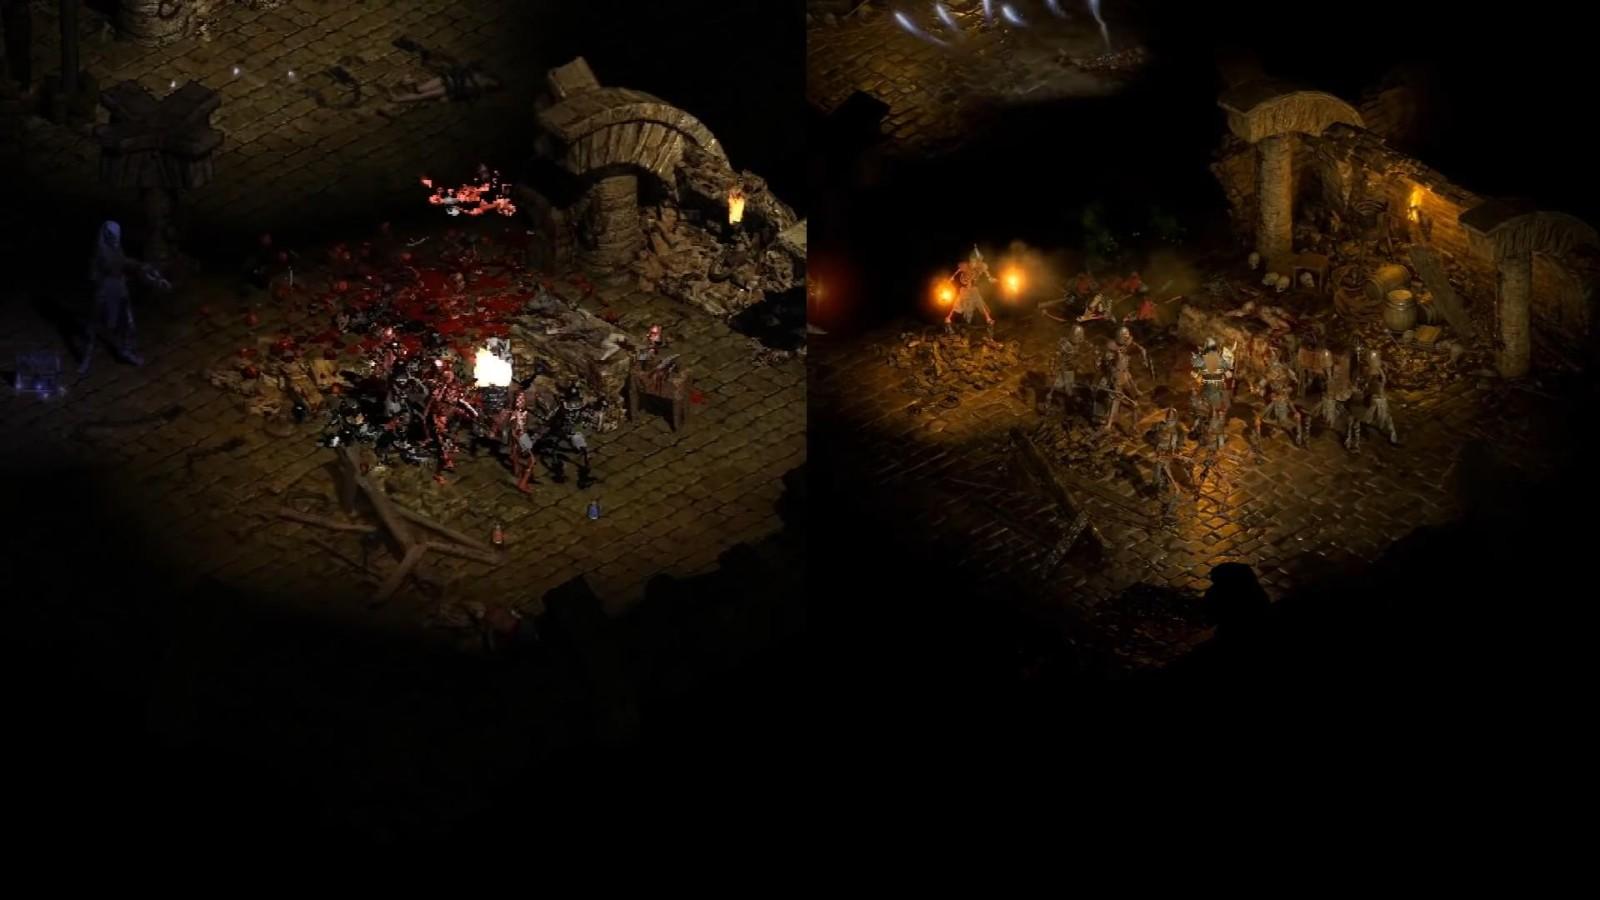 《暗黑破坏神2:重制版》与原版对比视频 冷饭真香